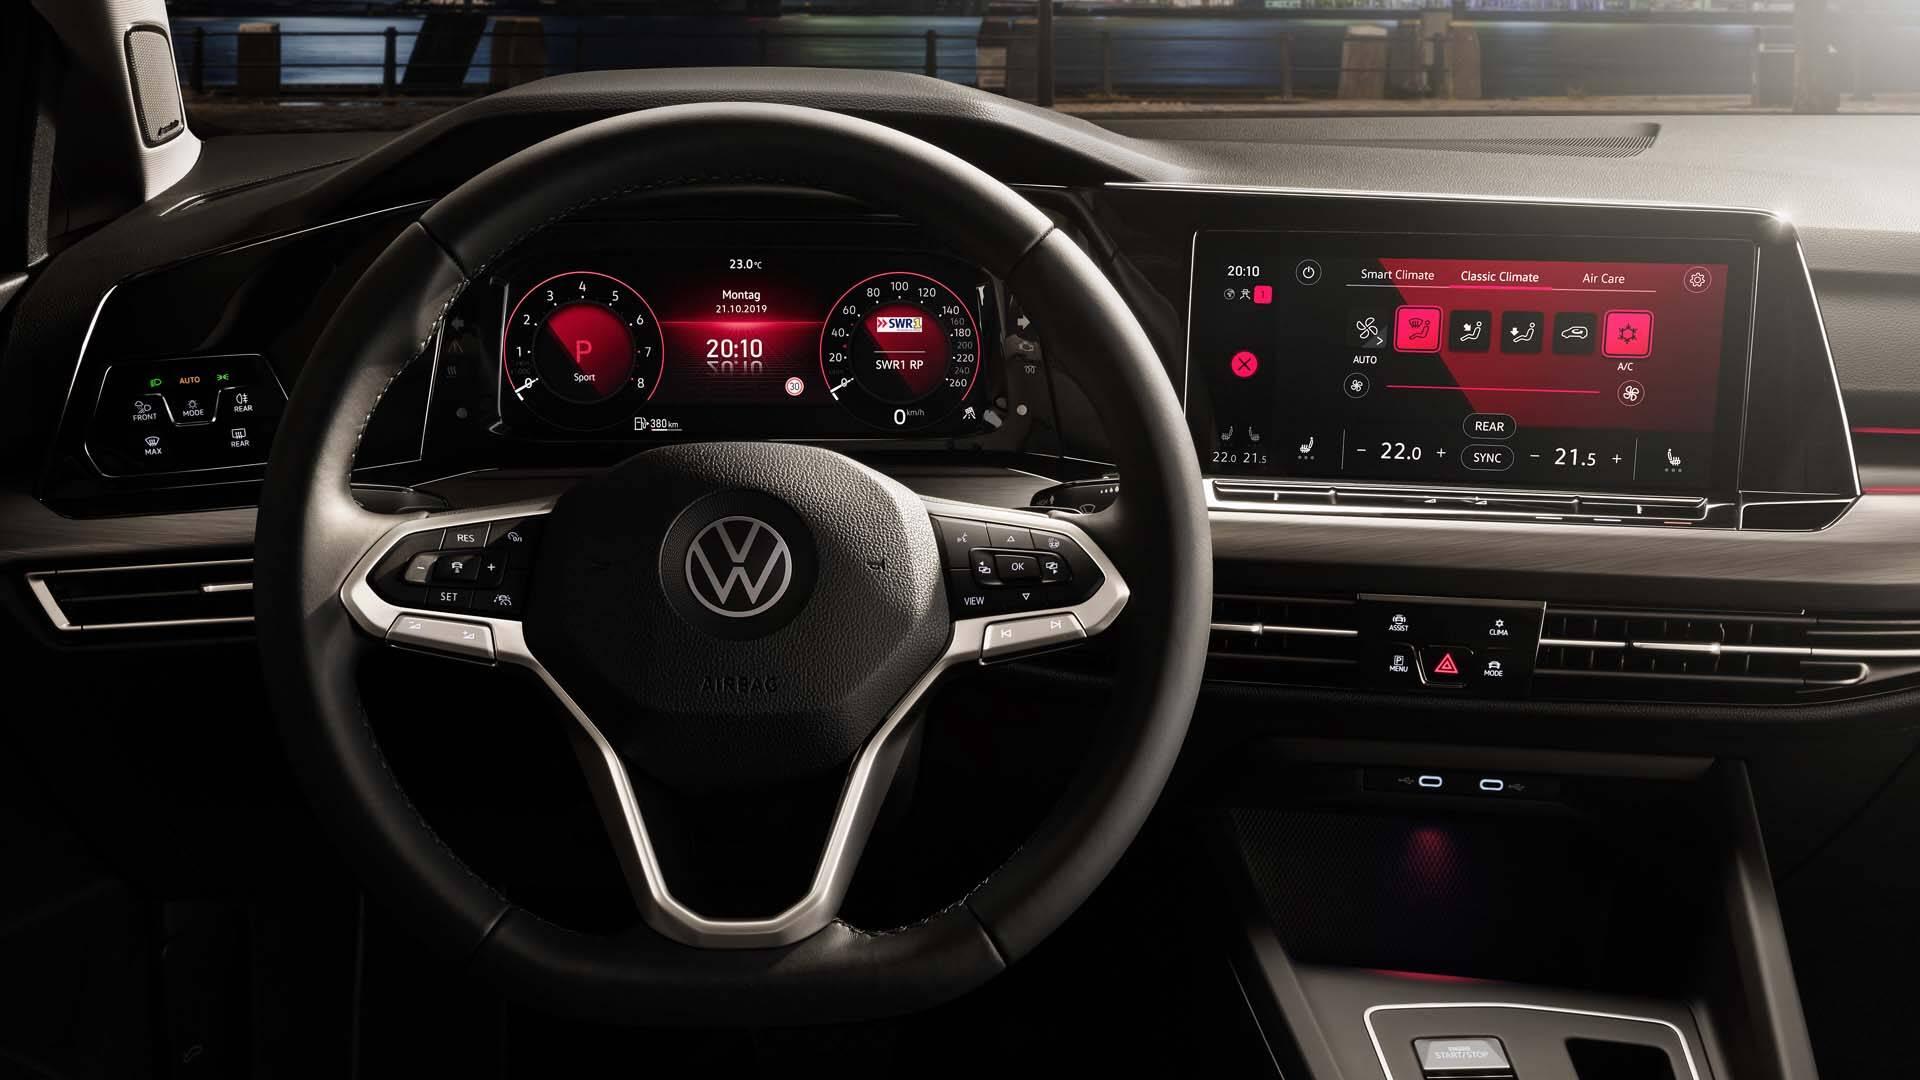 VW Golf. Foto: Divulgação